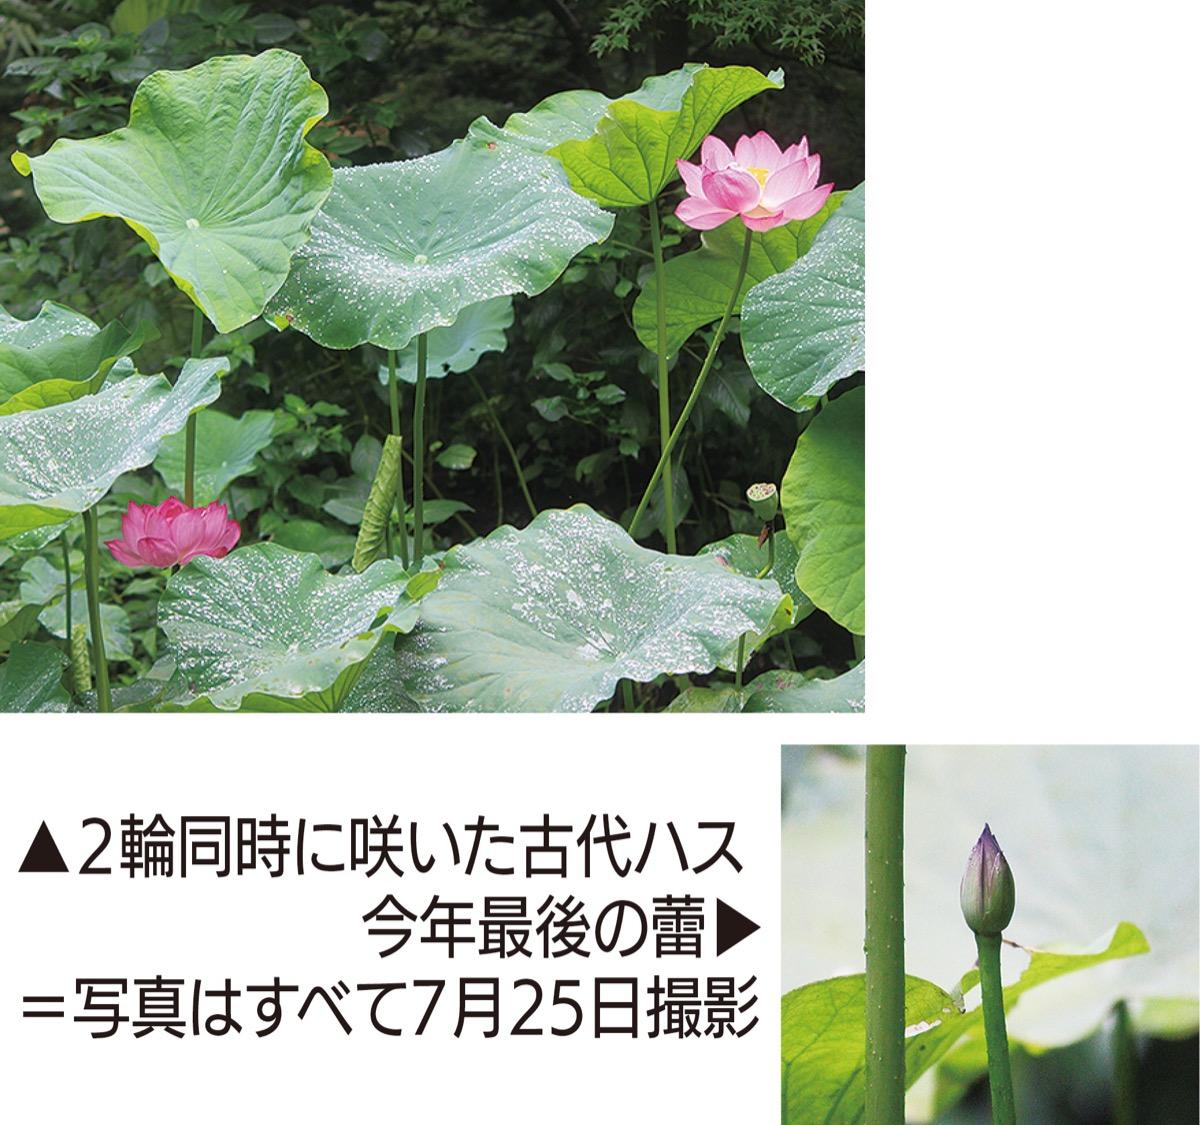 「長雨に映える立ち姿」 上和田野鳥の森 古代ハス開花